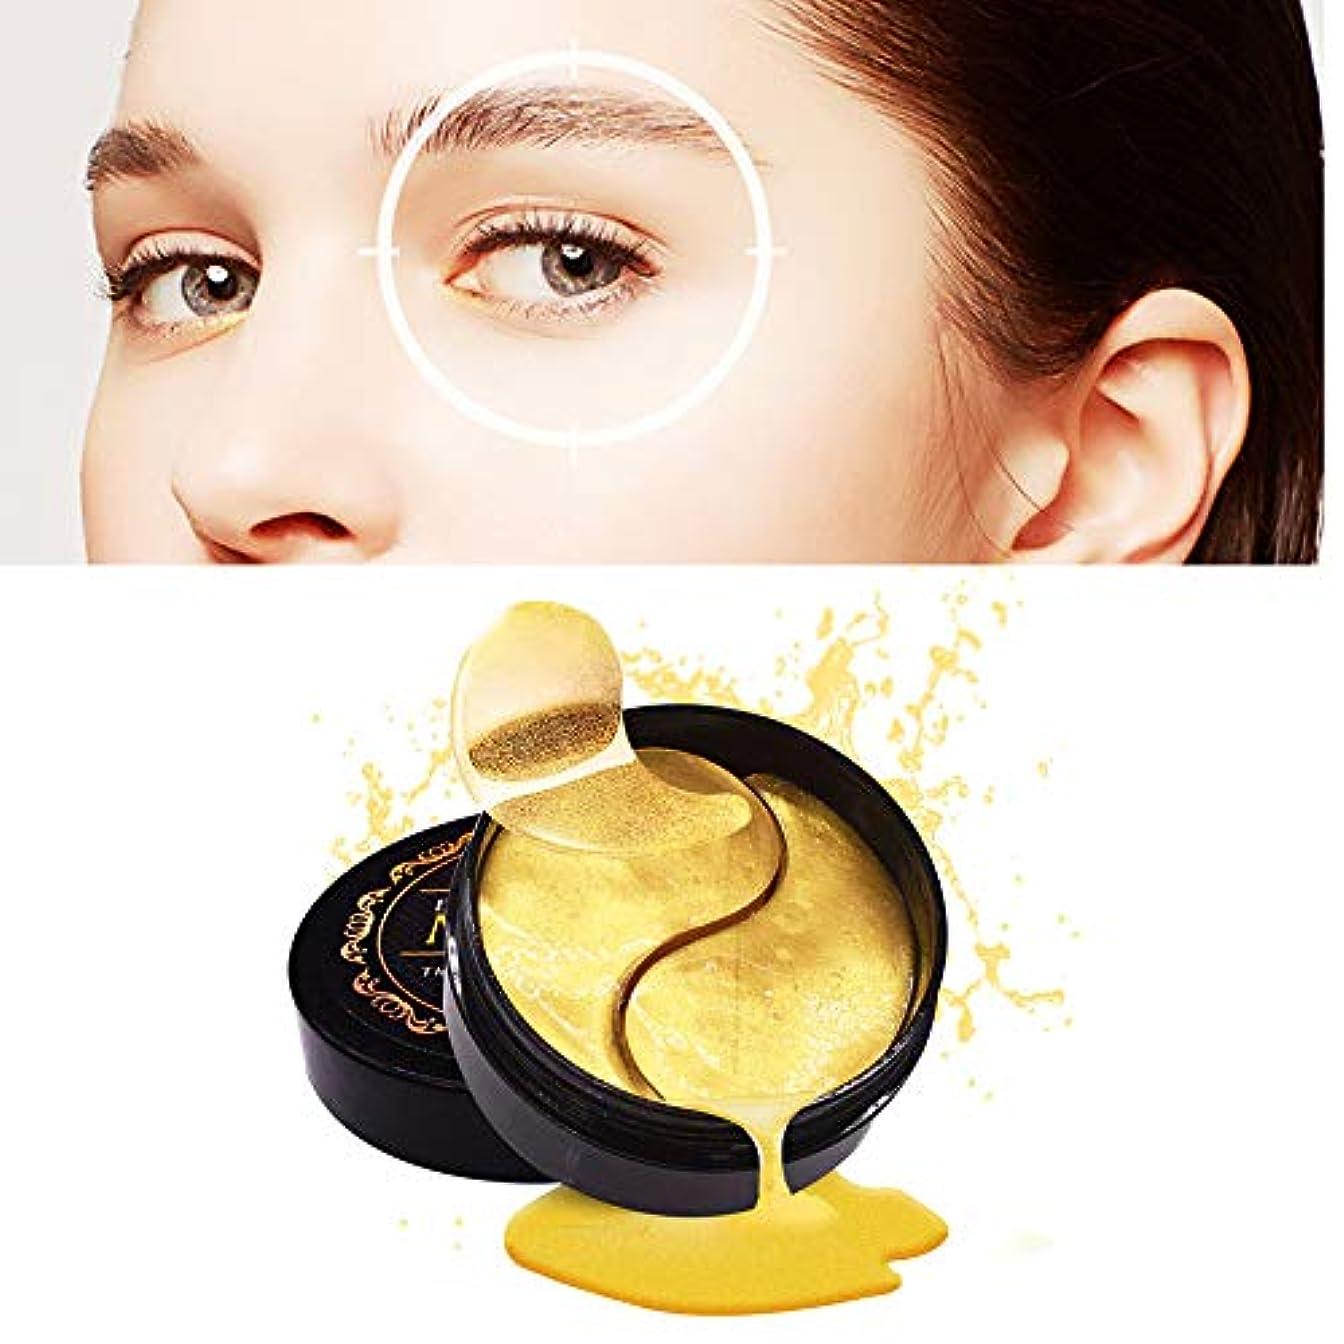 確保する電圧贅沢な24K ゴールドアイマスク、アンチリンクルトリートメントゴールドパウダージェルコラーゲンアイマスク、パフィーアイ用アイマスク、ハイドレーティング60PCS